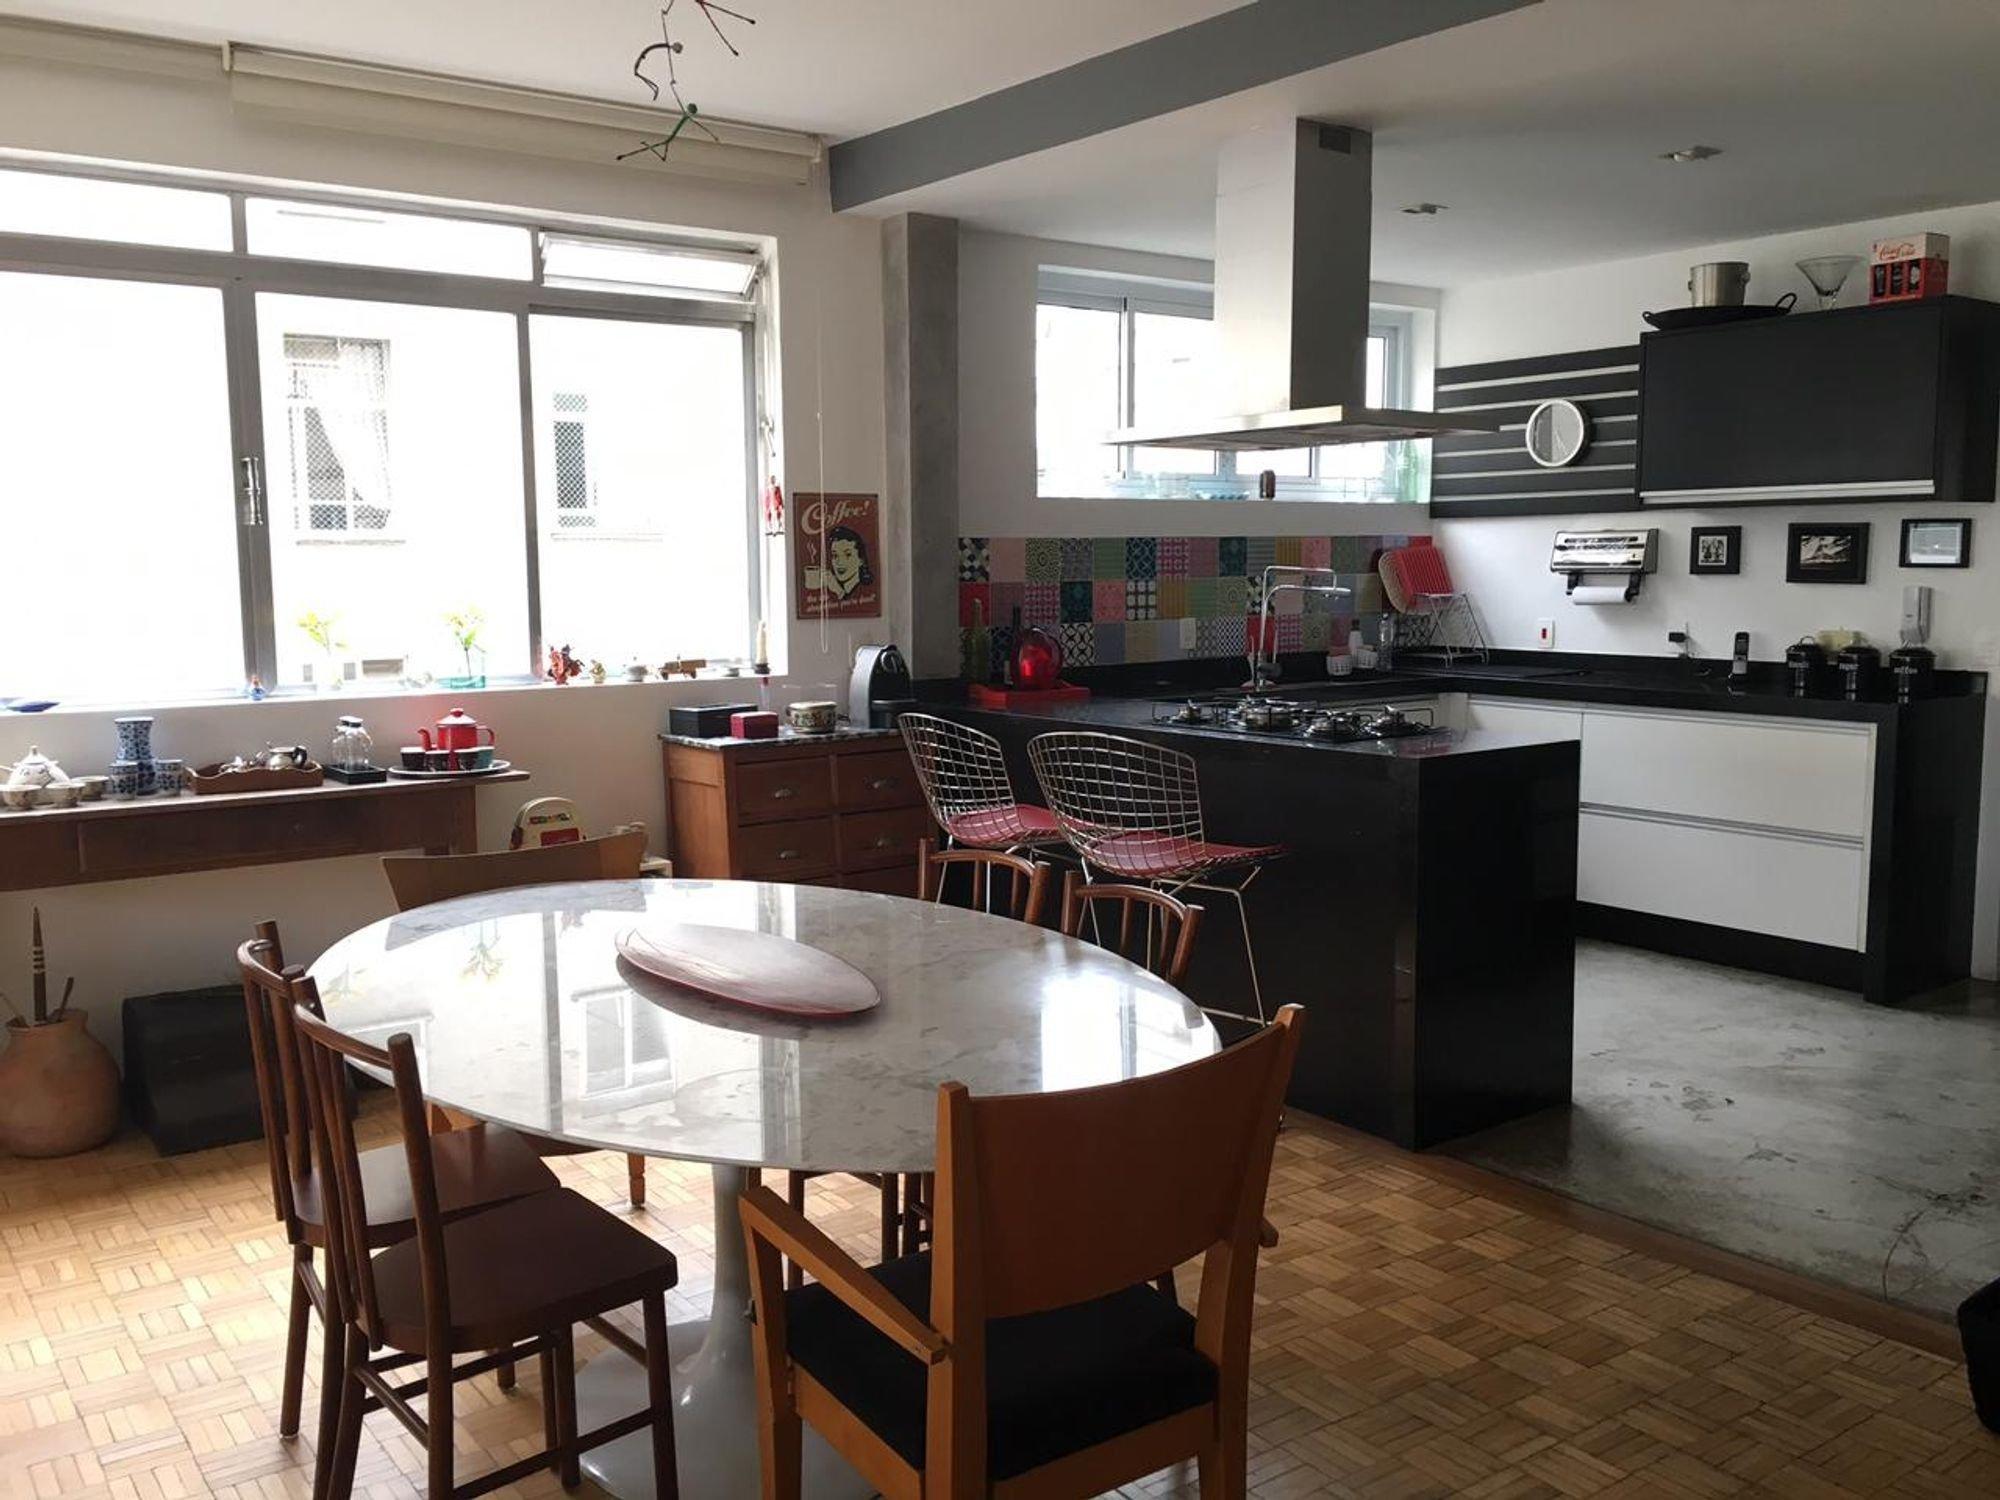 Foto de Cozinha com forno, cadeira, mesa de jantar